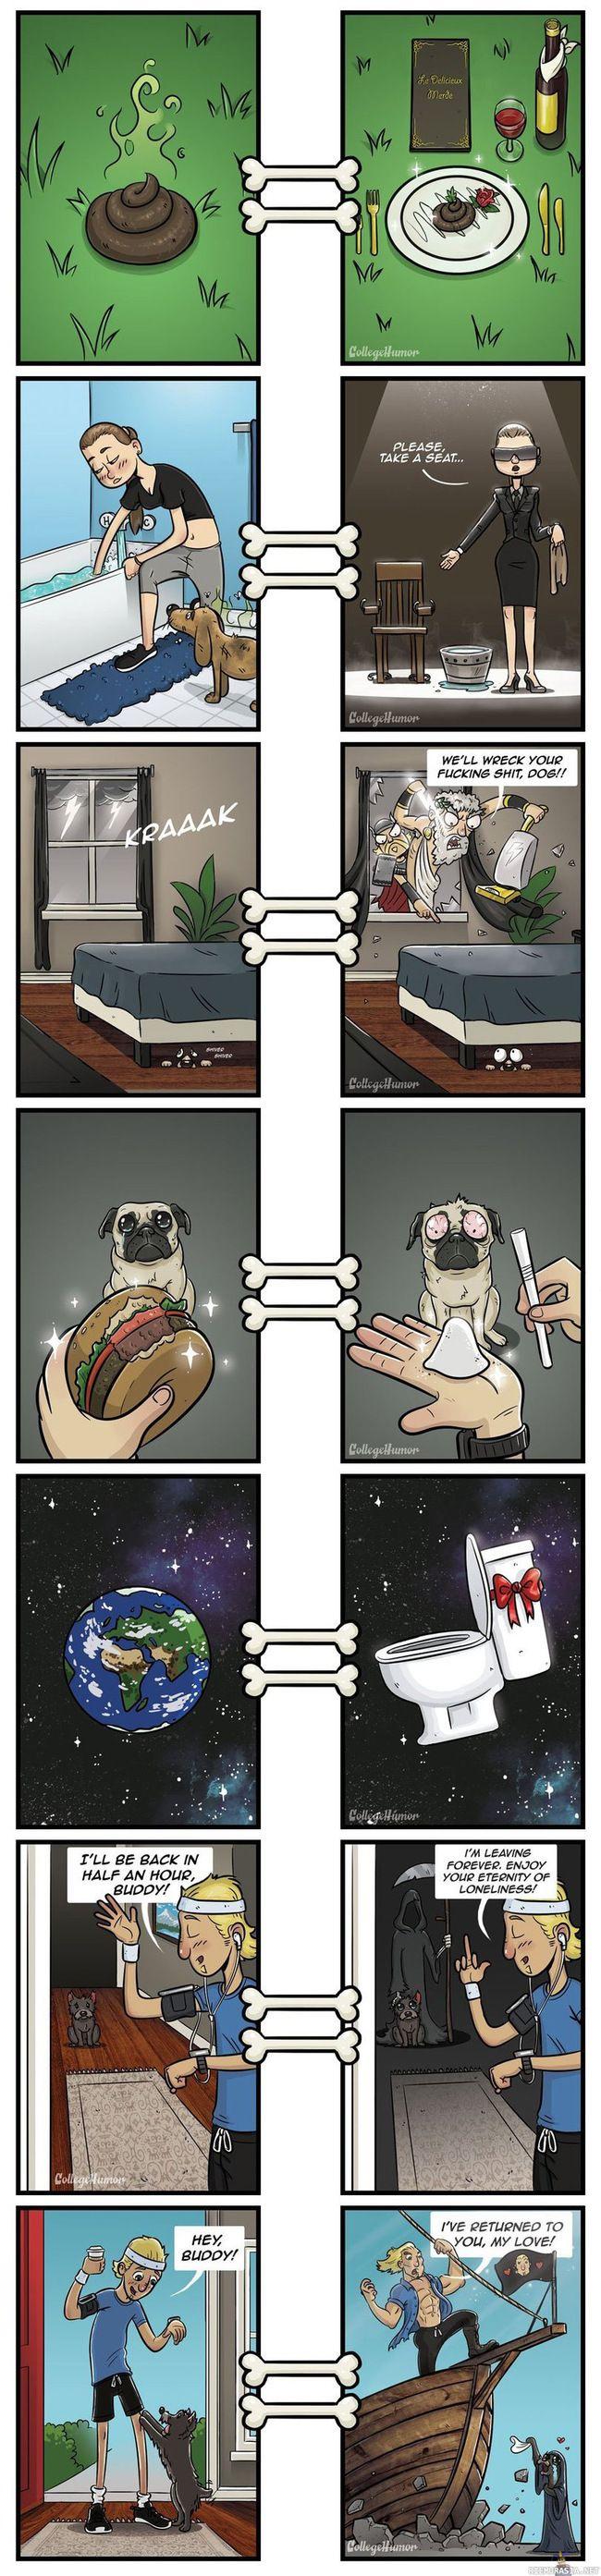 Miten koira näkee asiat